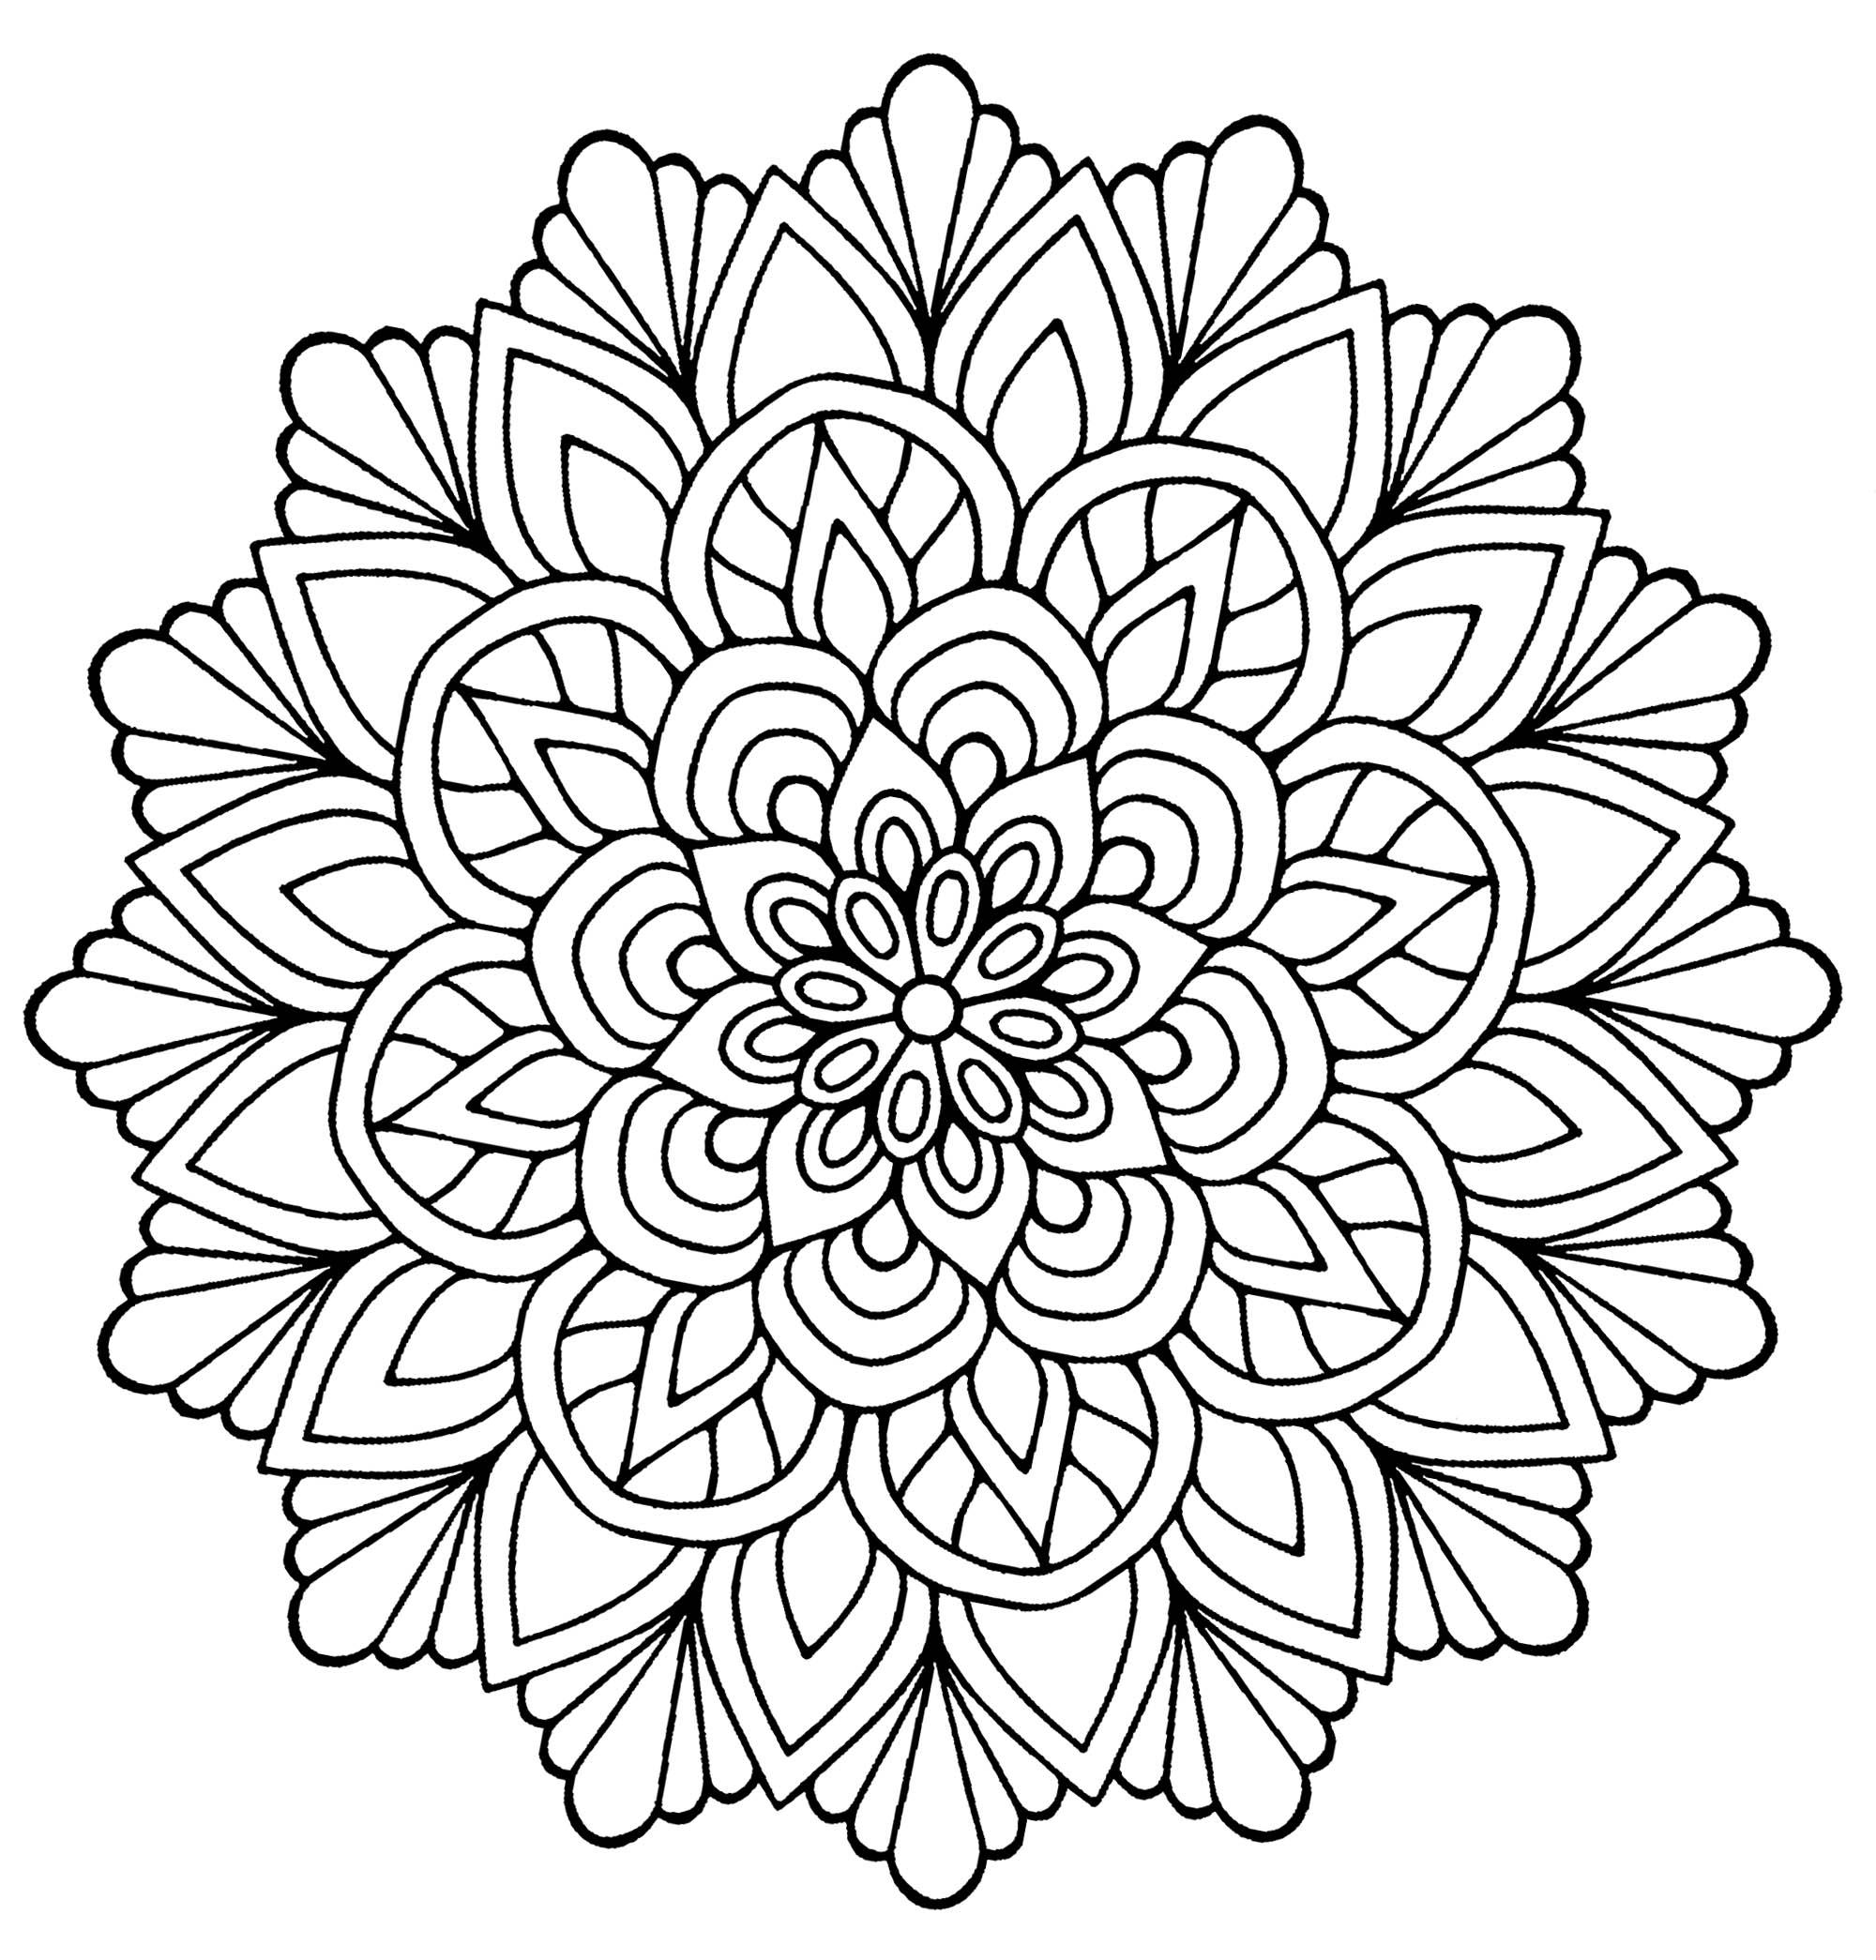 Mandala flowers and leaves - Mandalas with Flowers & vegetation ...